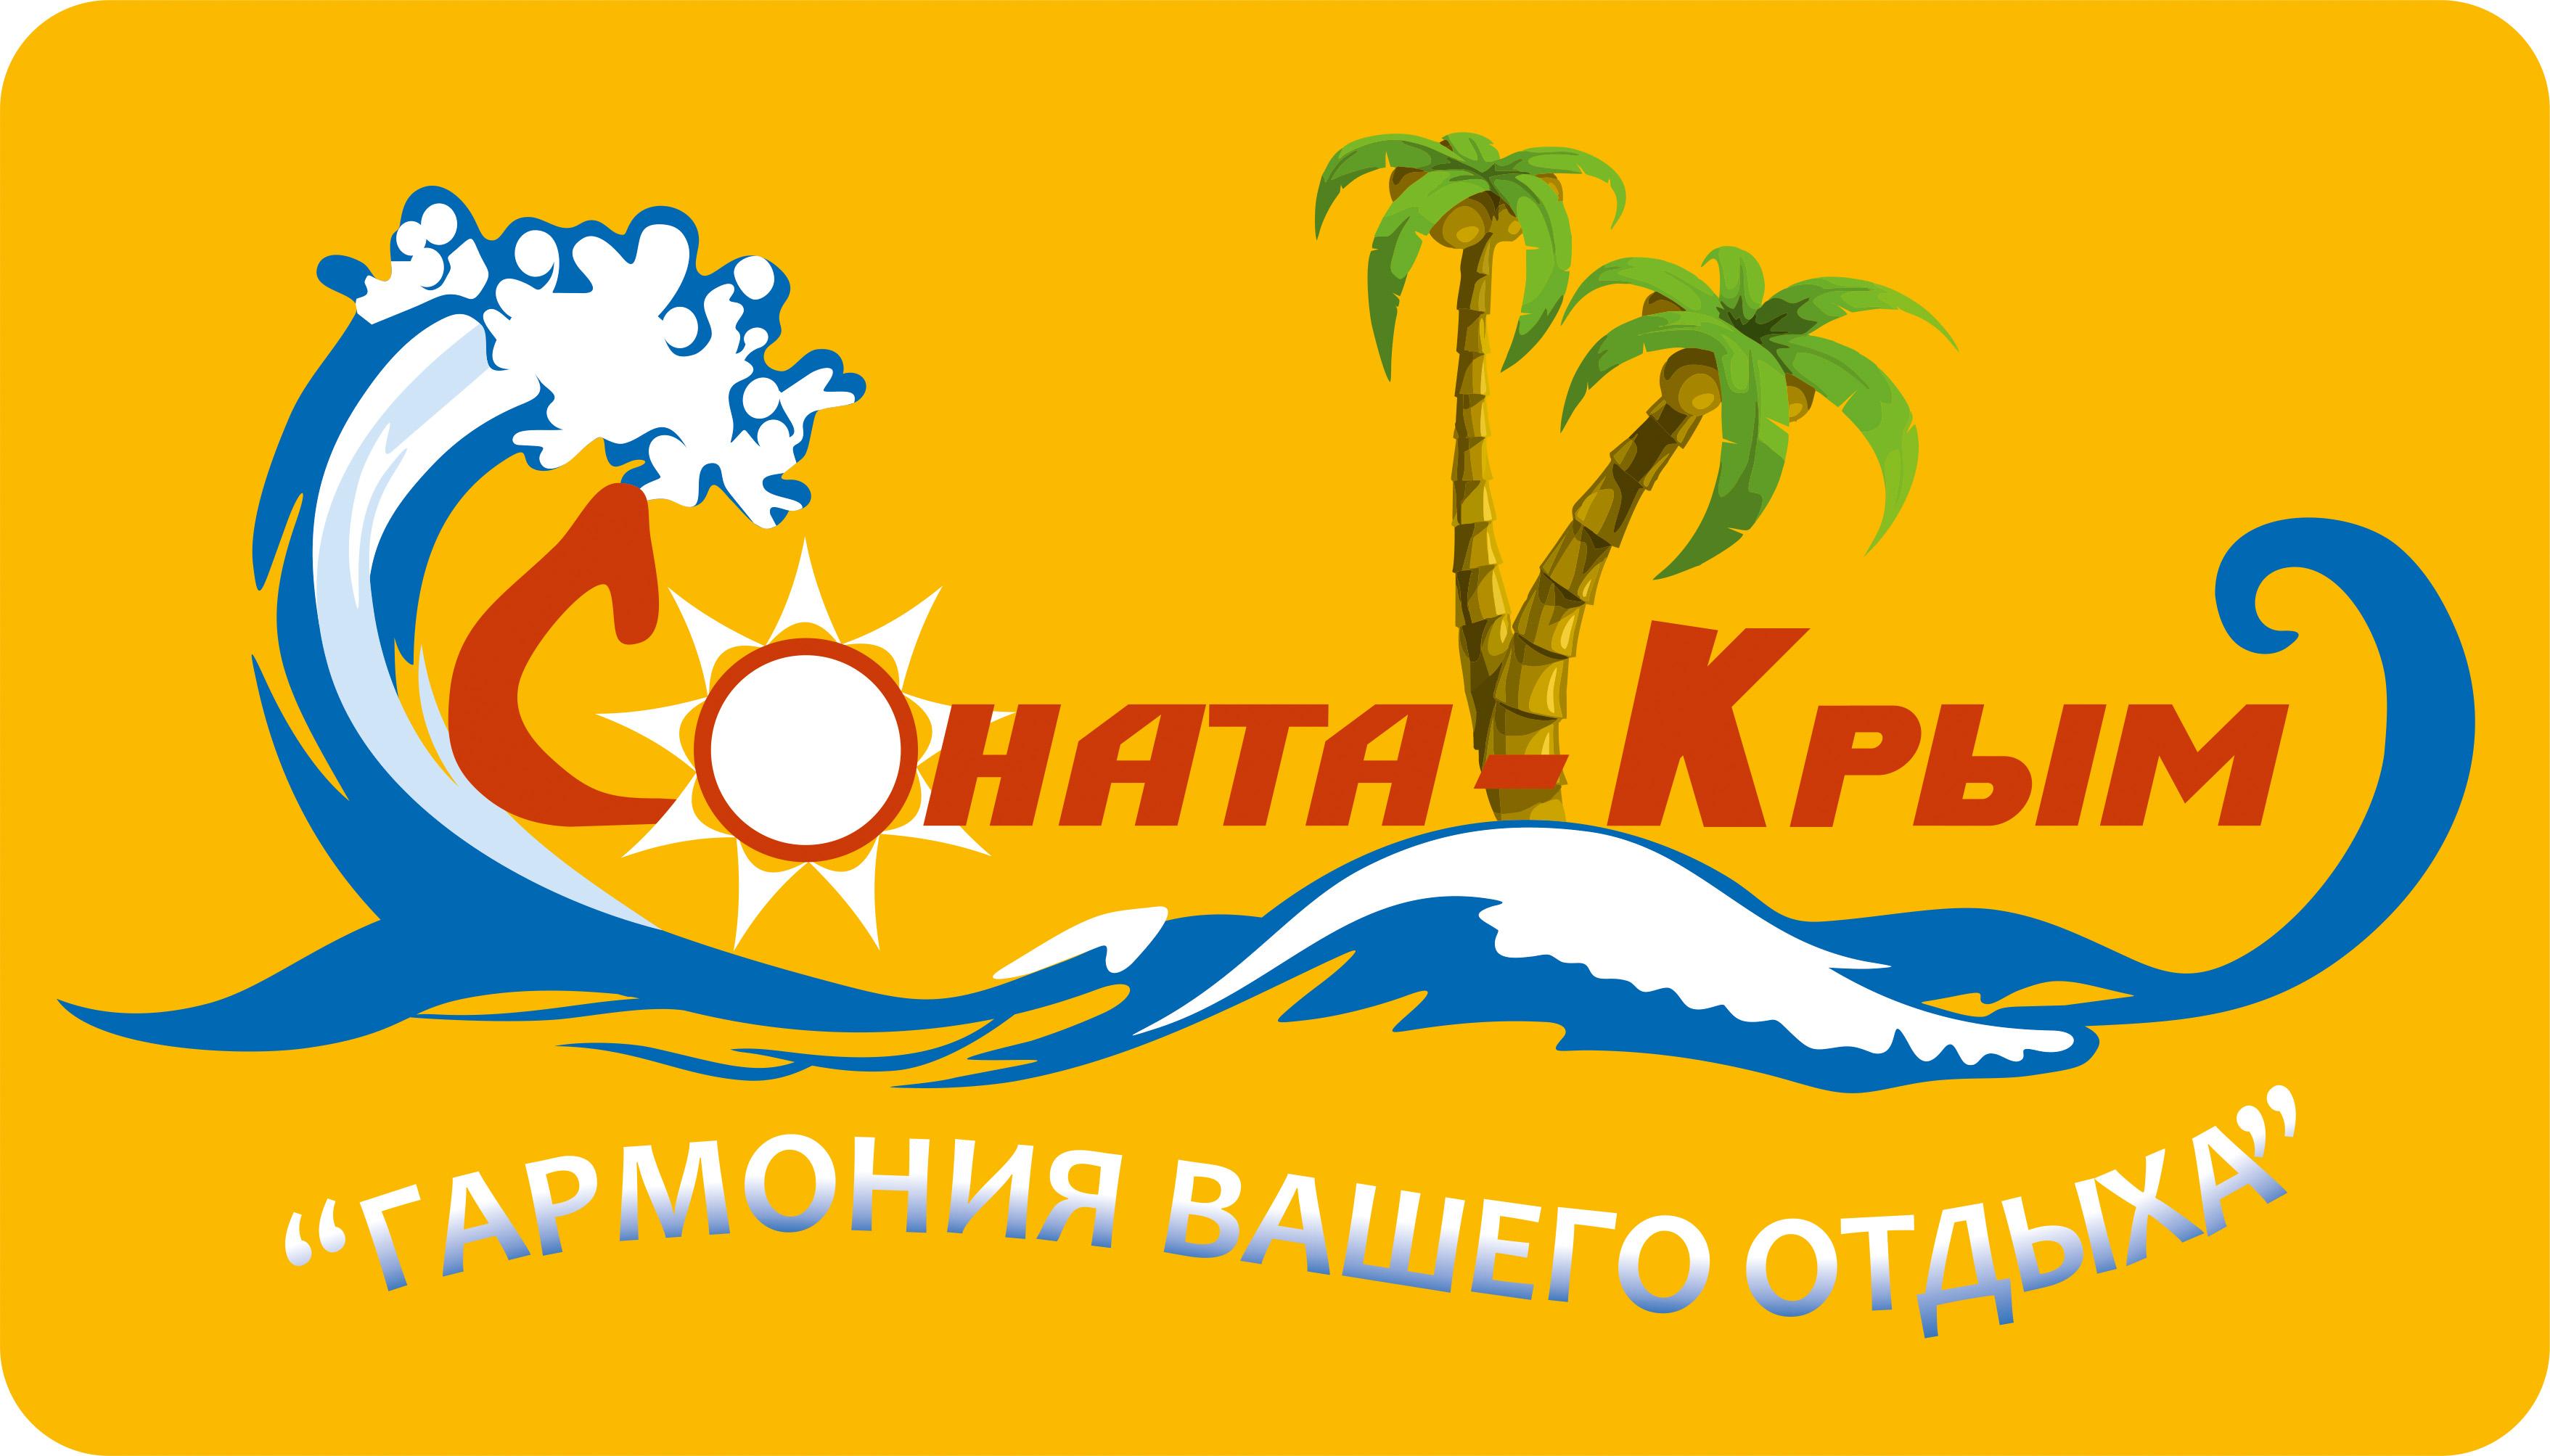 СОНАТА-КРЫМ, Турагентство логотип